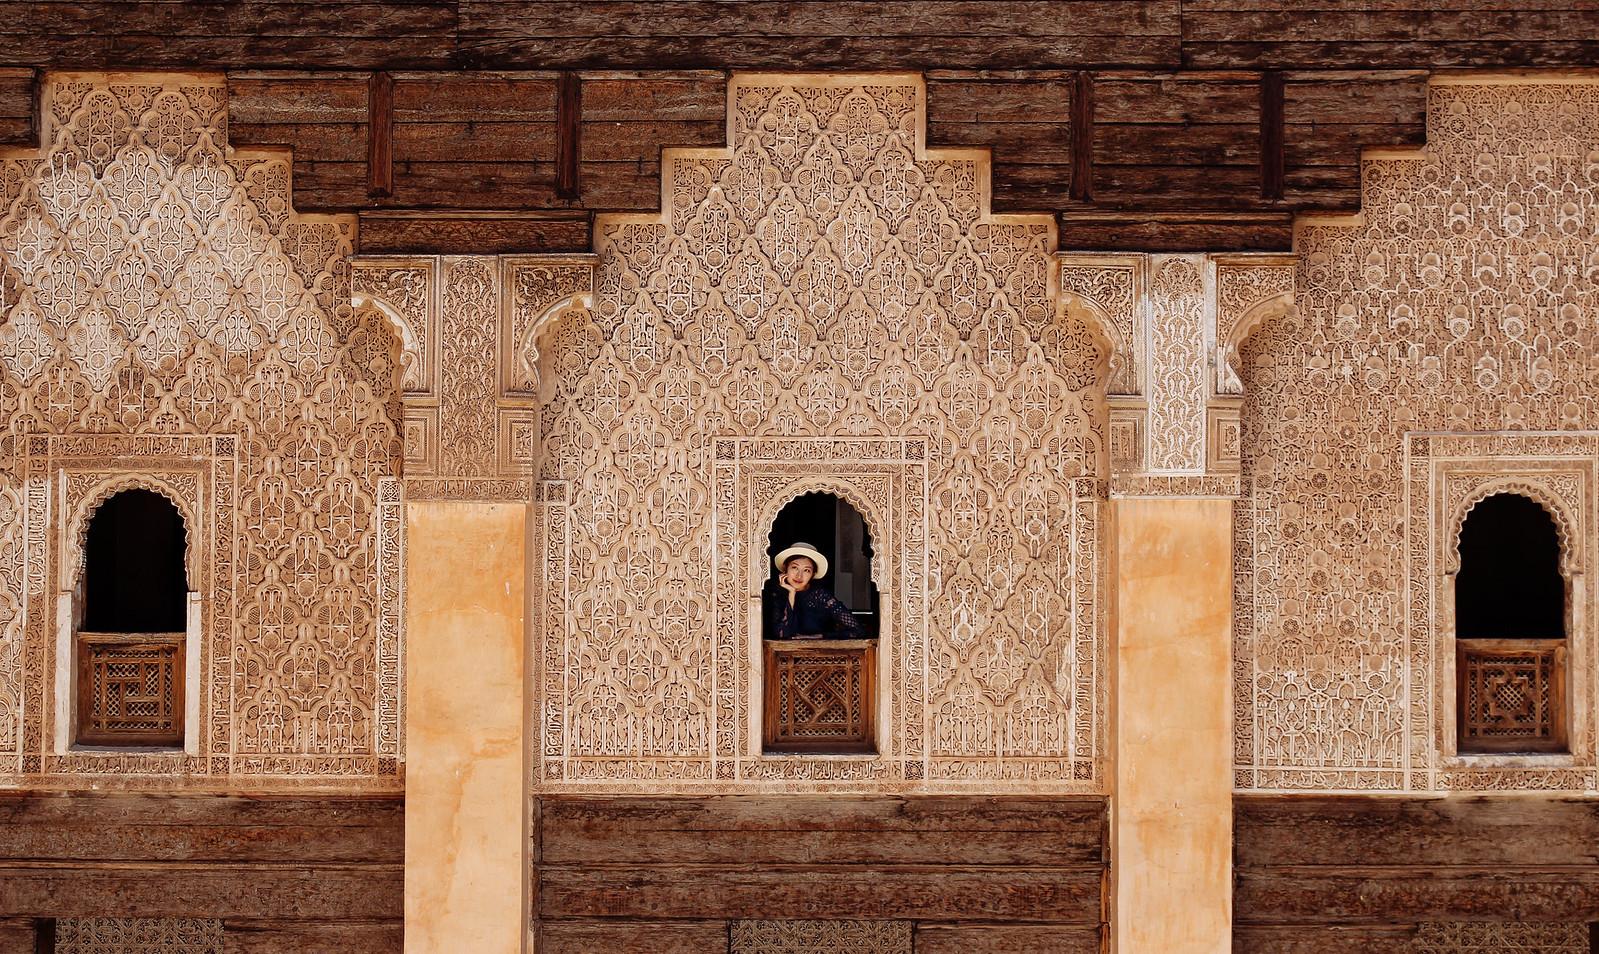 Marrakech - kisses,vera-6